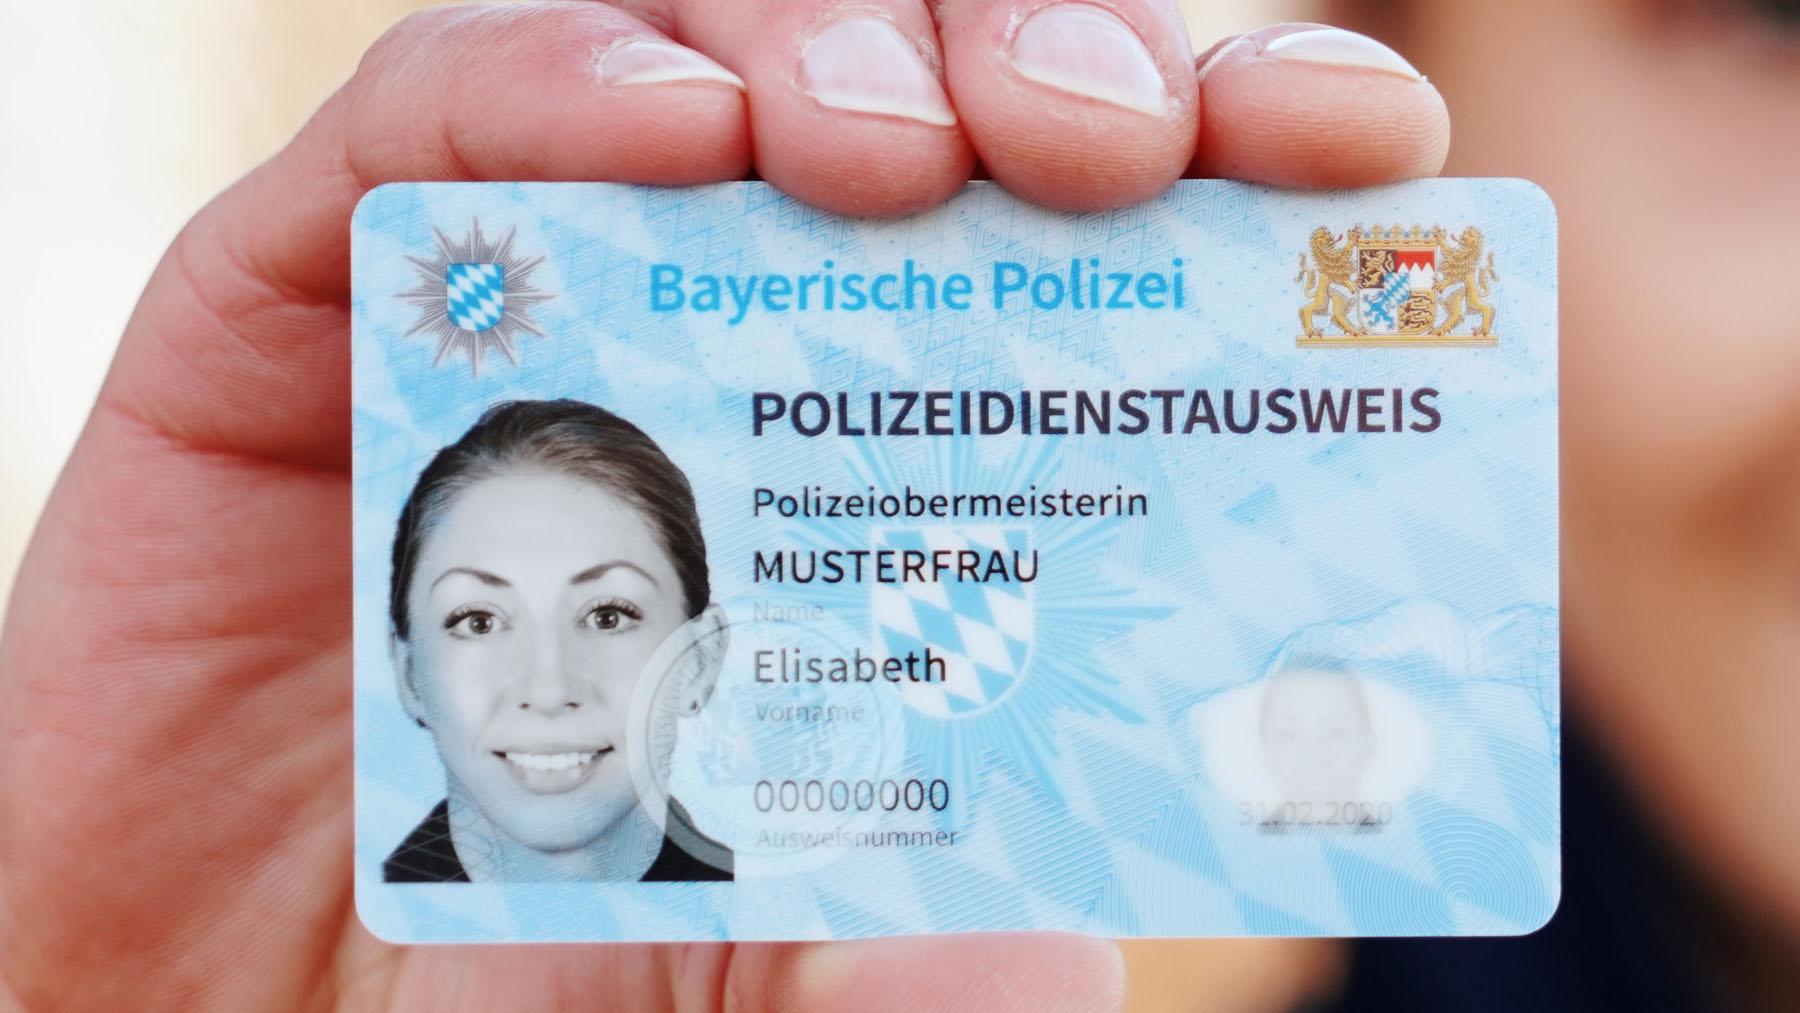 Neuer Dienstausweis bei der Bayerischen Polizei